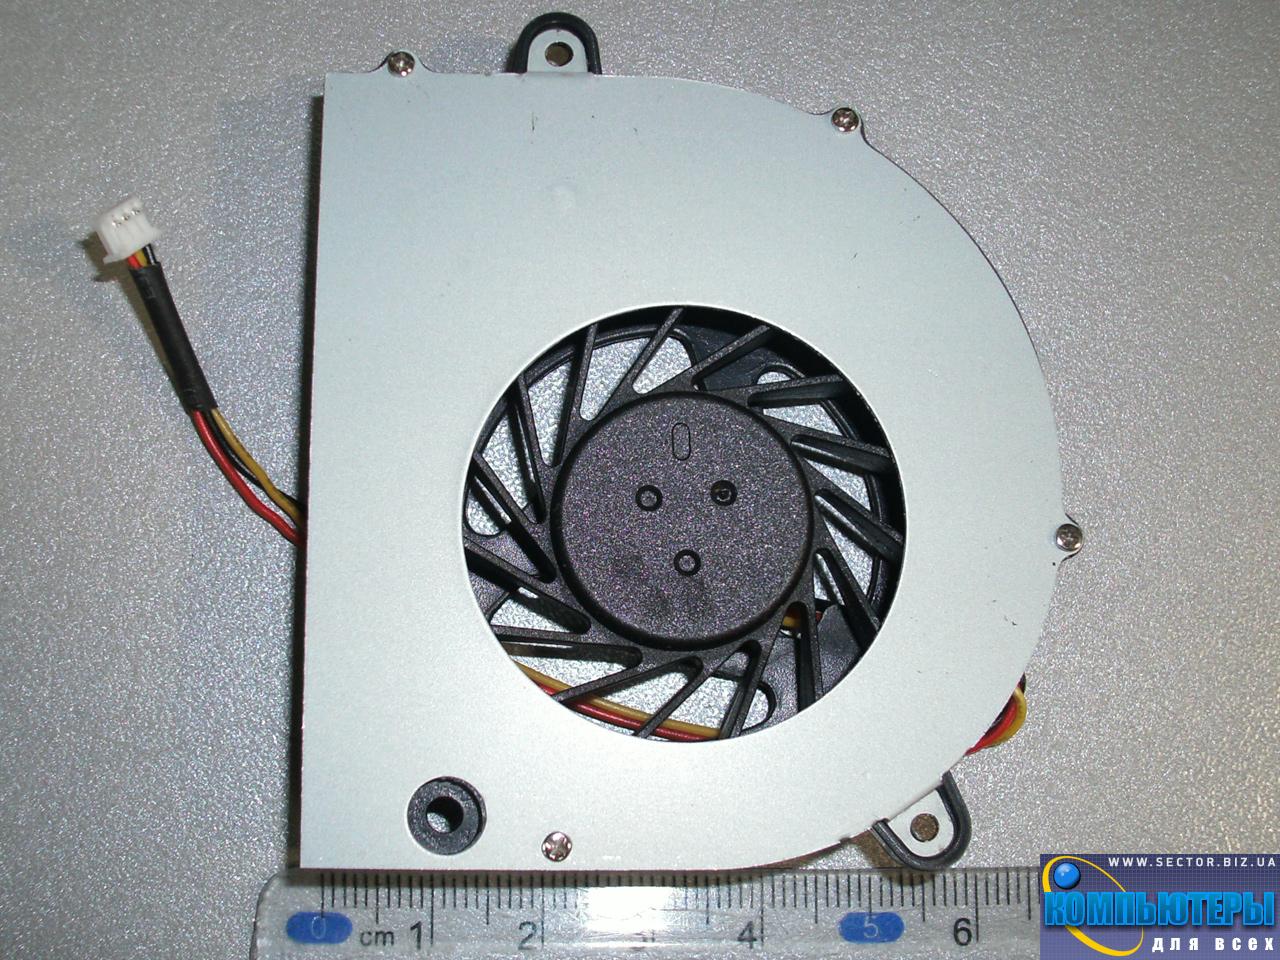 Кулер к ноутбуку Lenovo G450 G455 G550 G550M G555 B550 L3000 G450A G450M p/n: XS10N05YF05VBJ. Фото № 1.